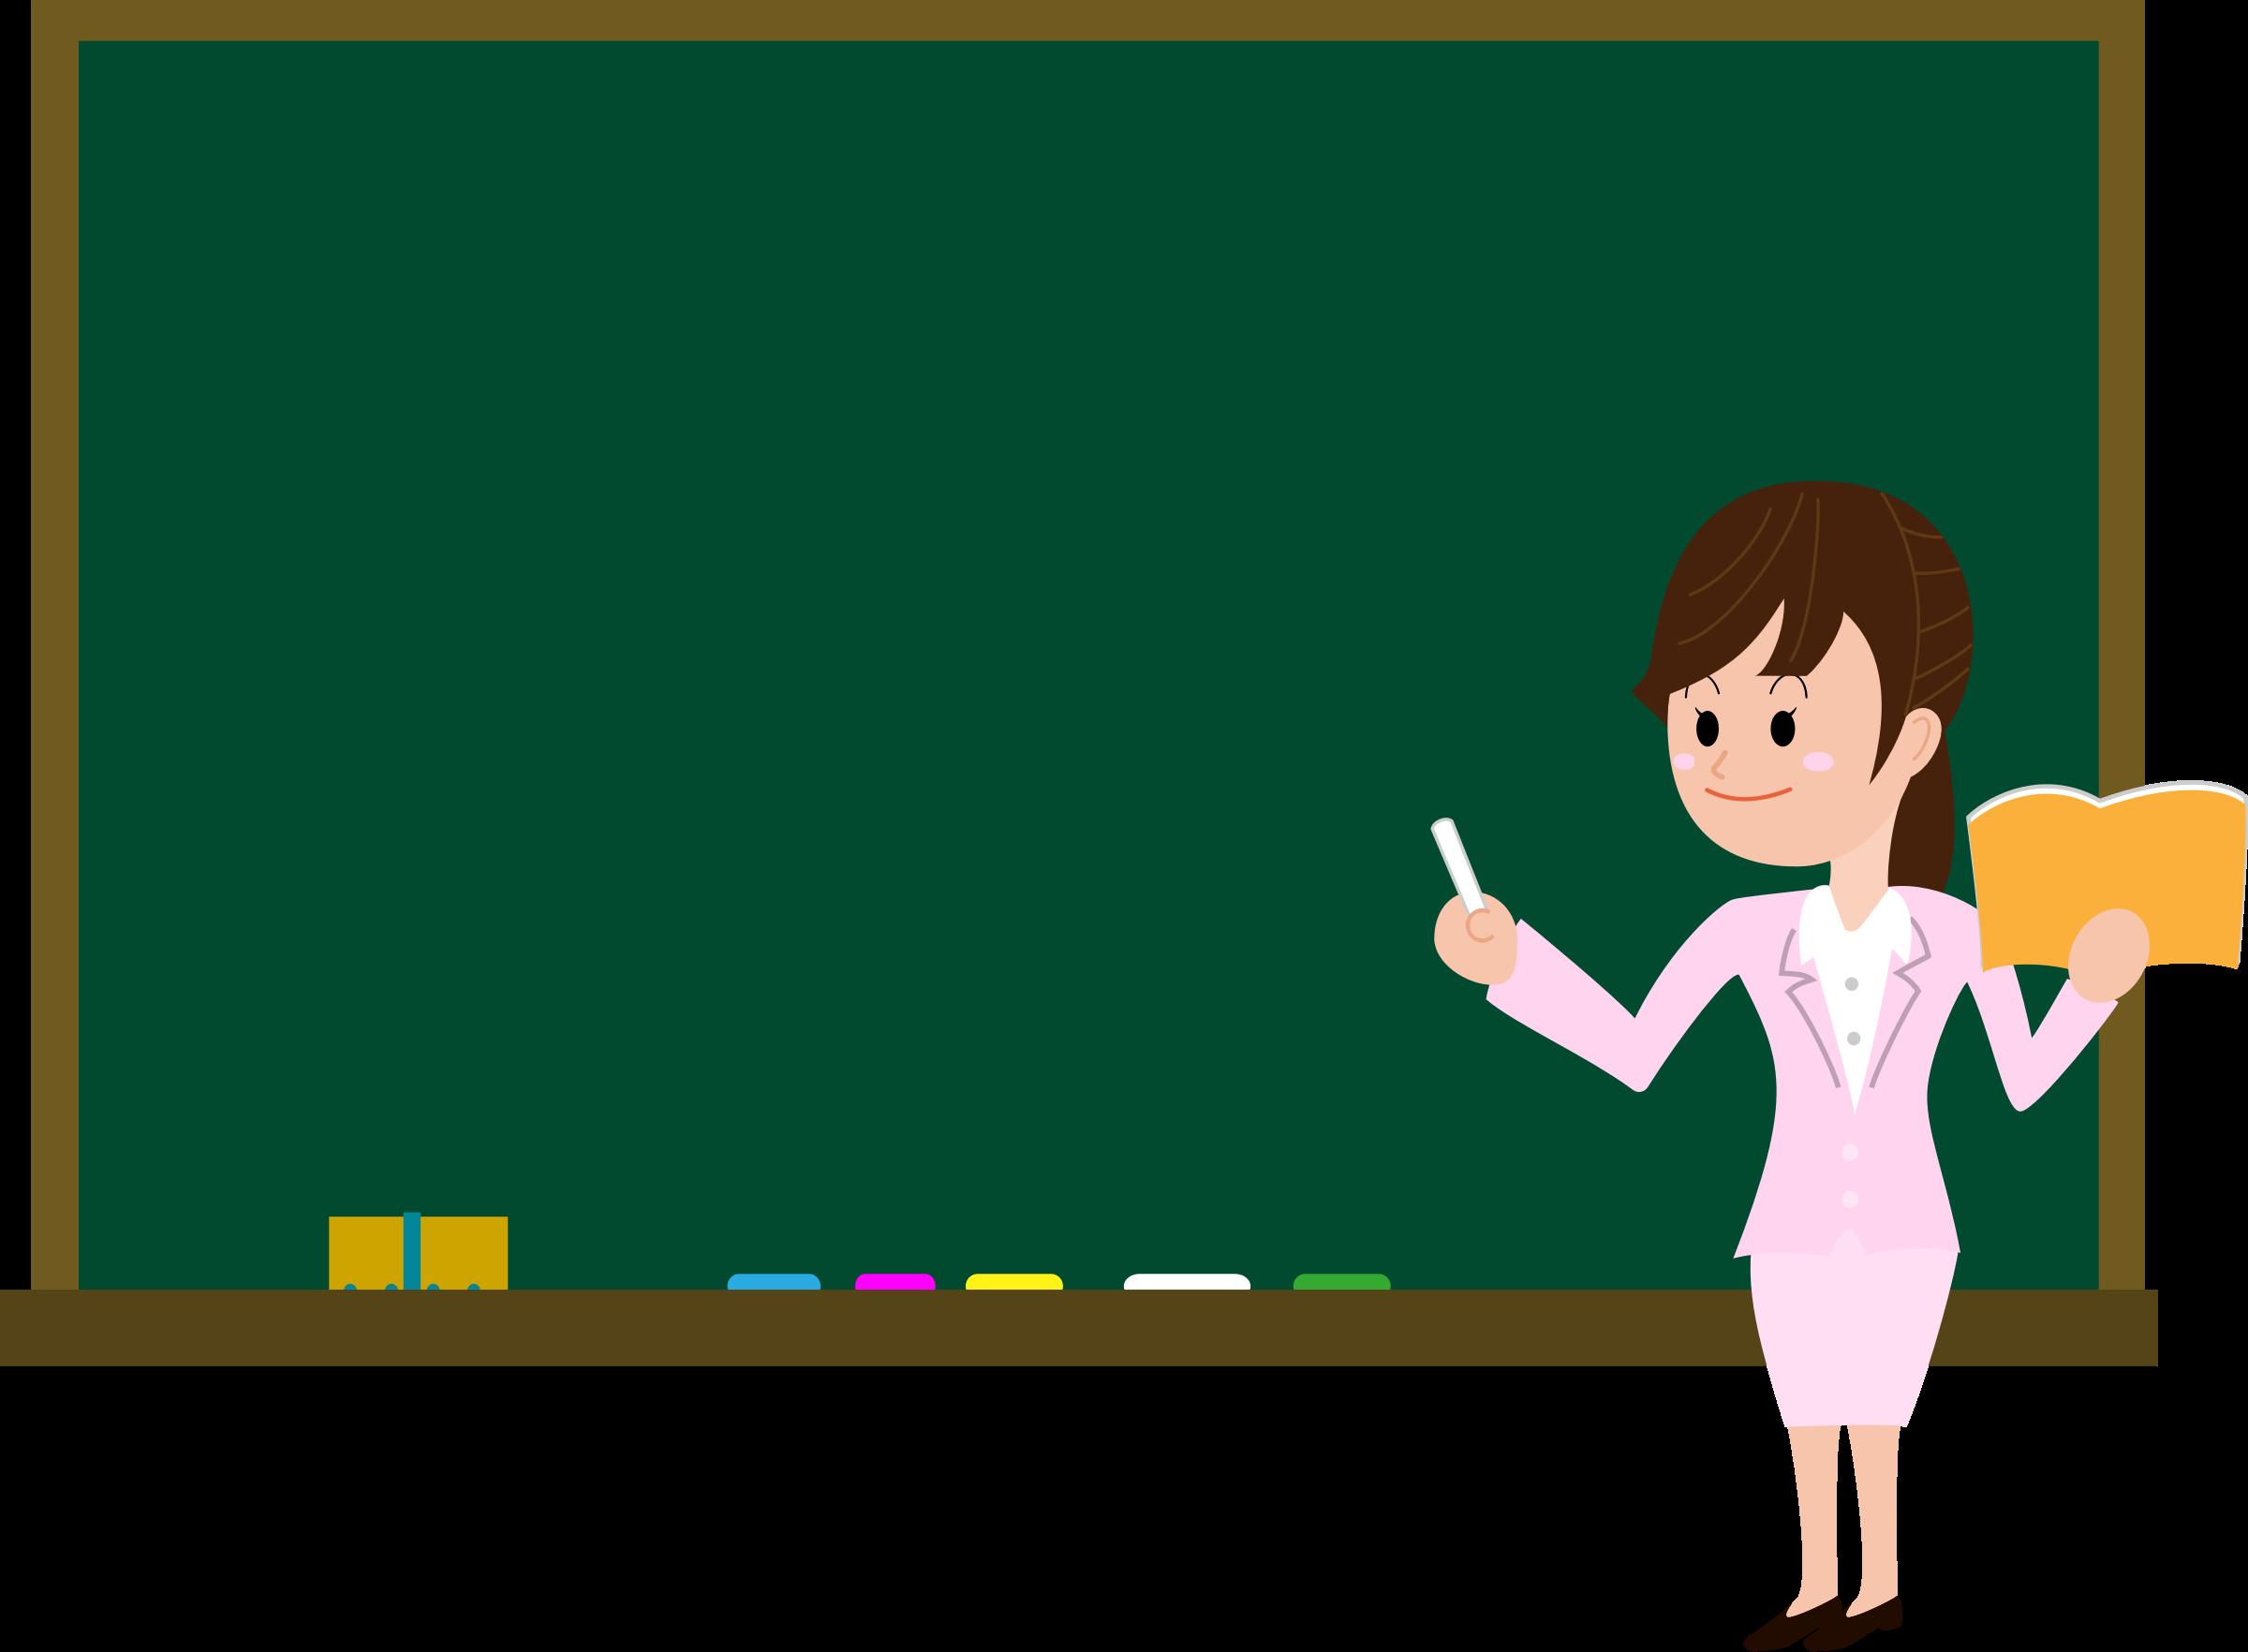 8 Tanda Tanda Anak Membutuhkan Les Privat Bahasa Inggris Di Depok Pendidikan Ilustrasi Lucu Bahasa Inggris